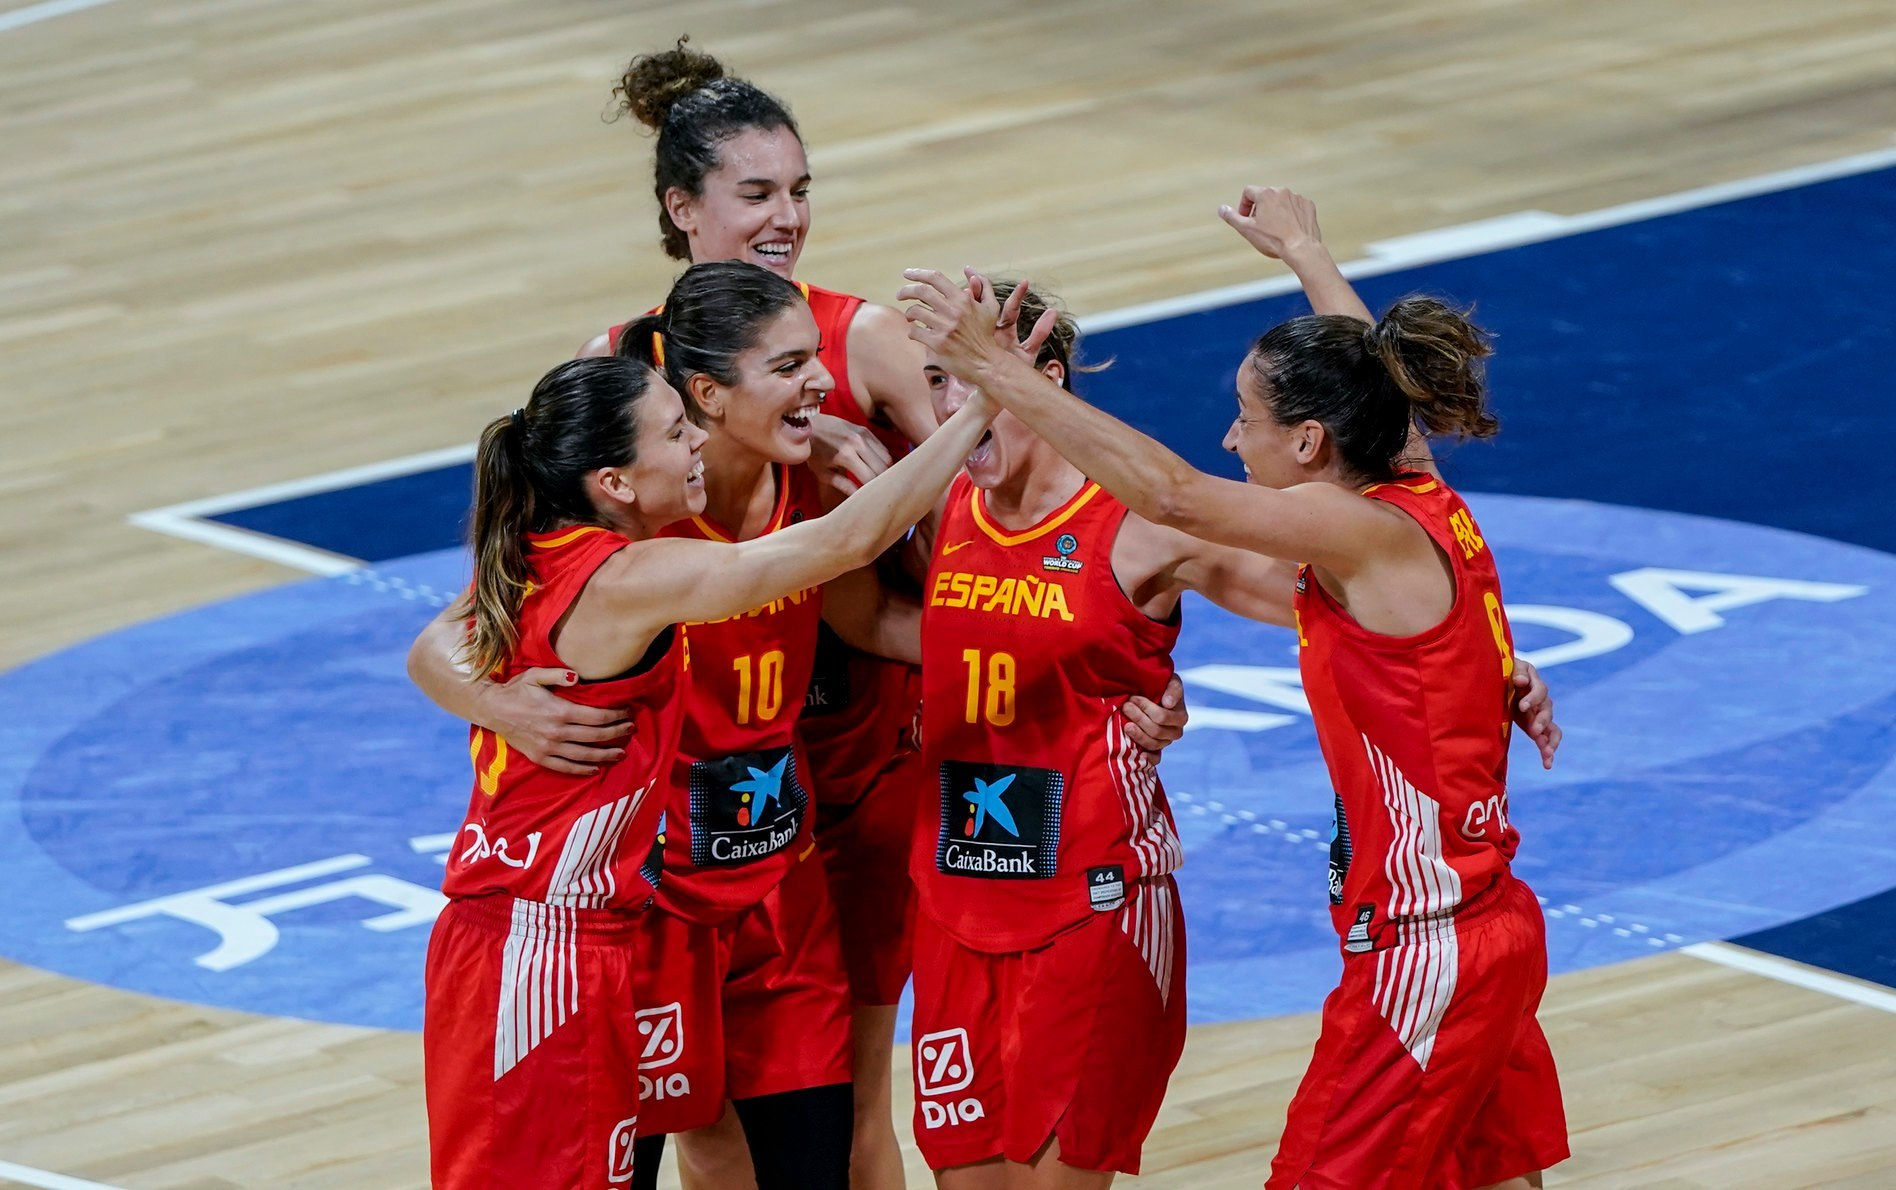 Збірна Іспанії визначилась зі складом на чемпіонат Європи